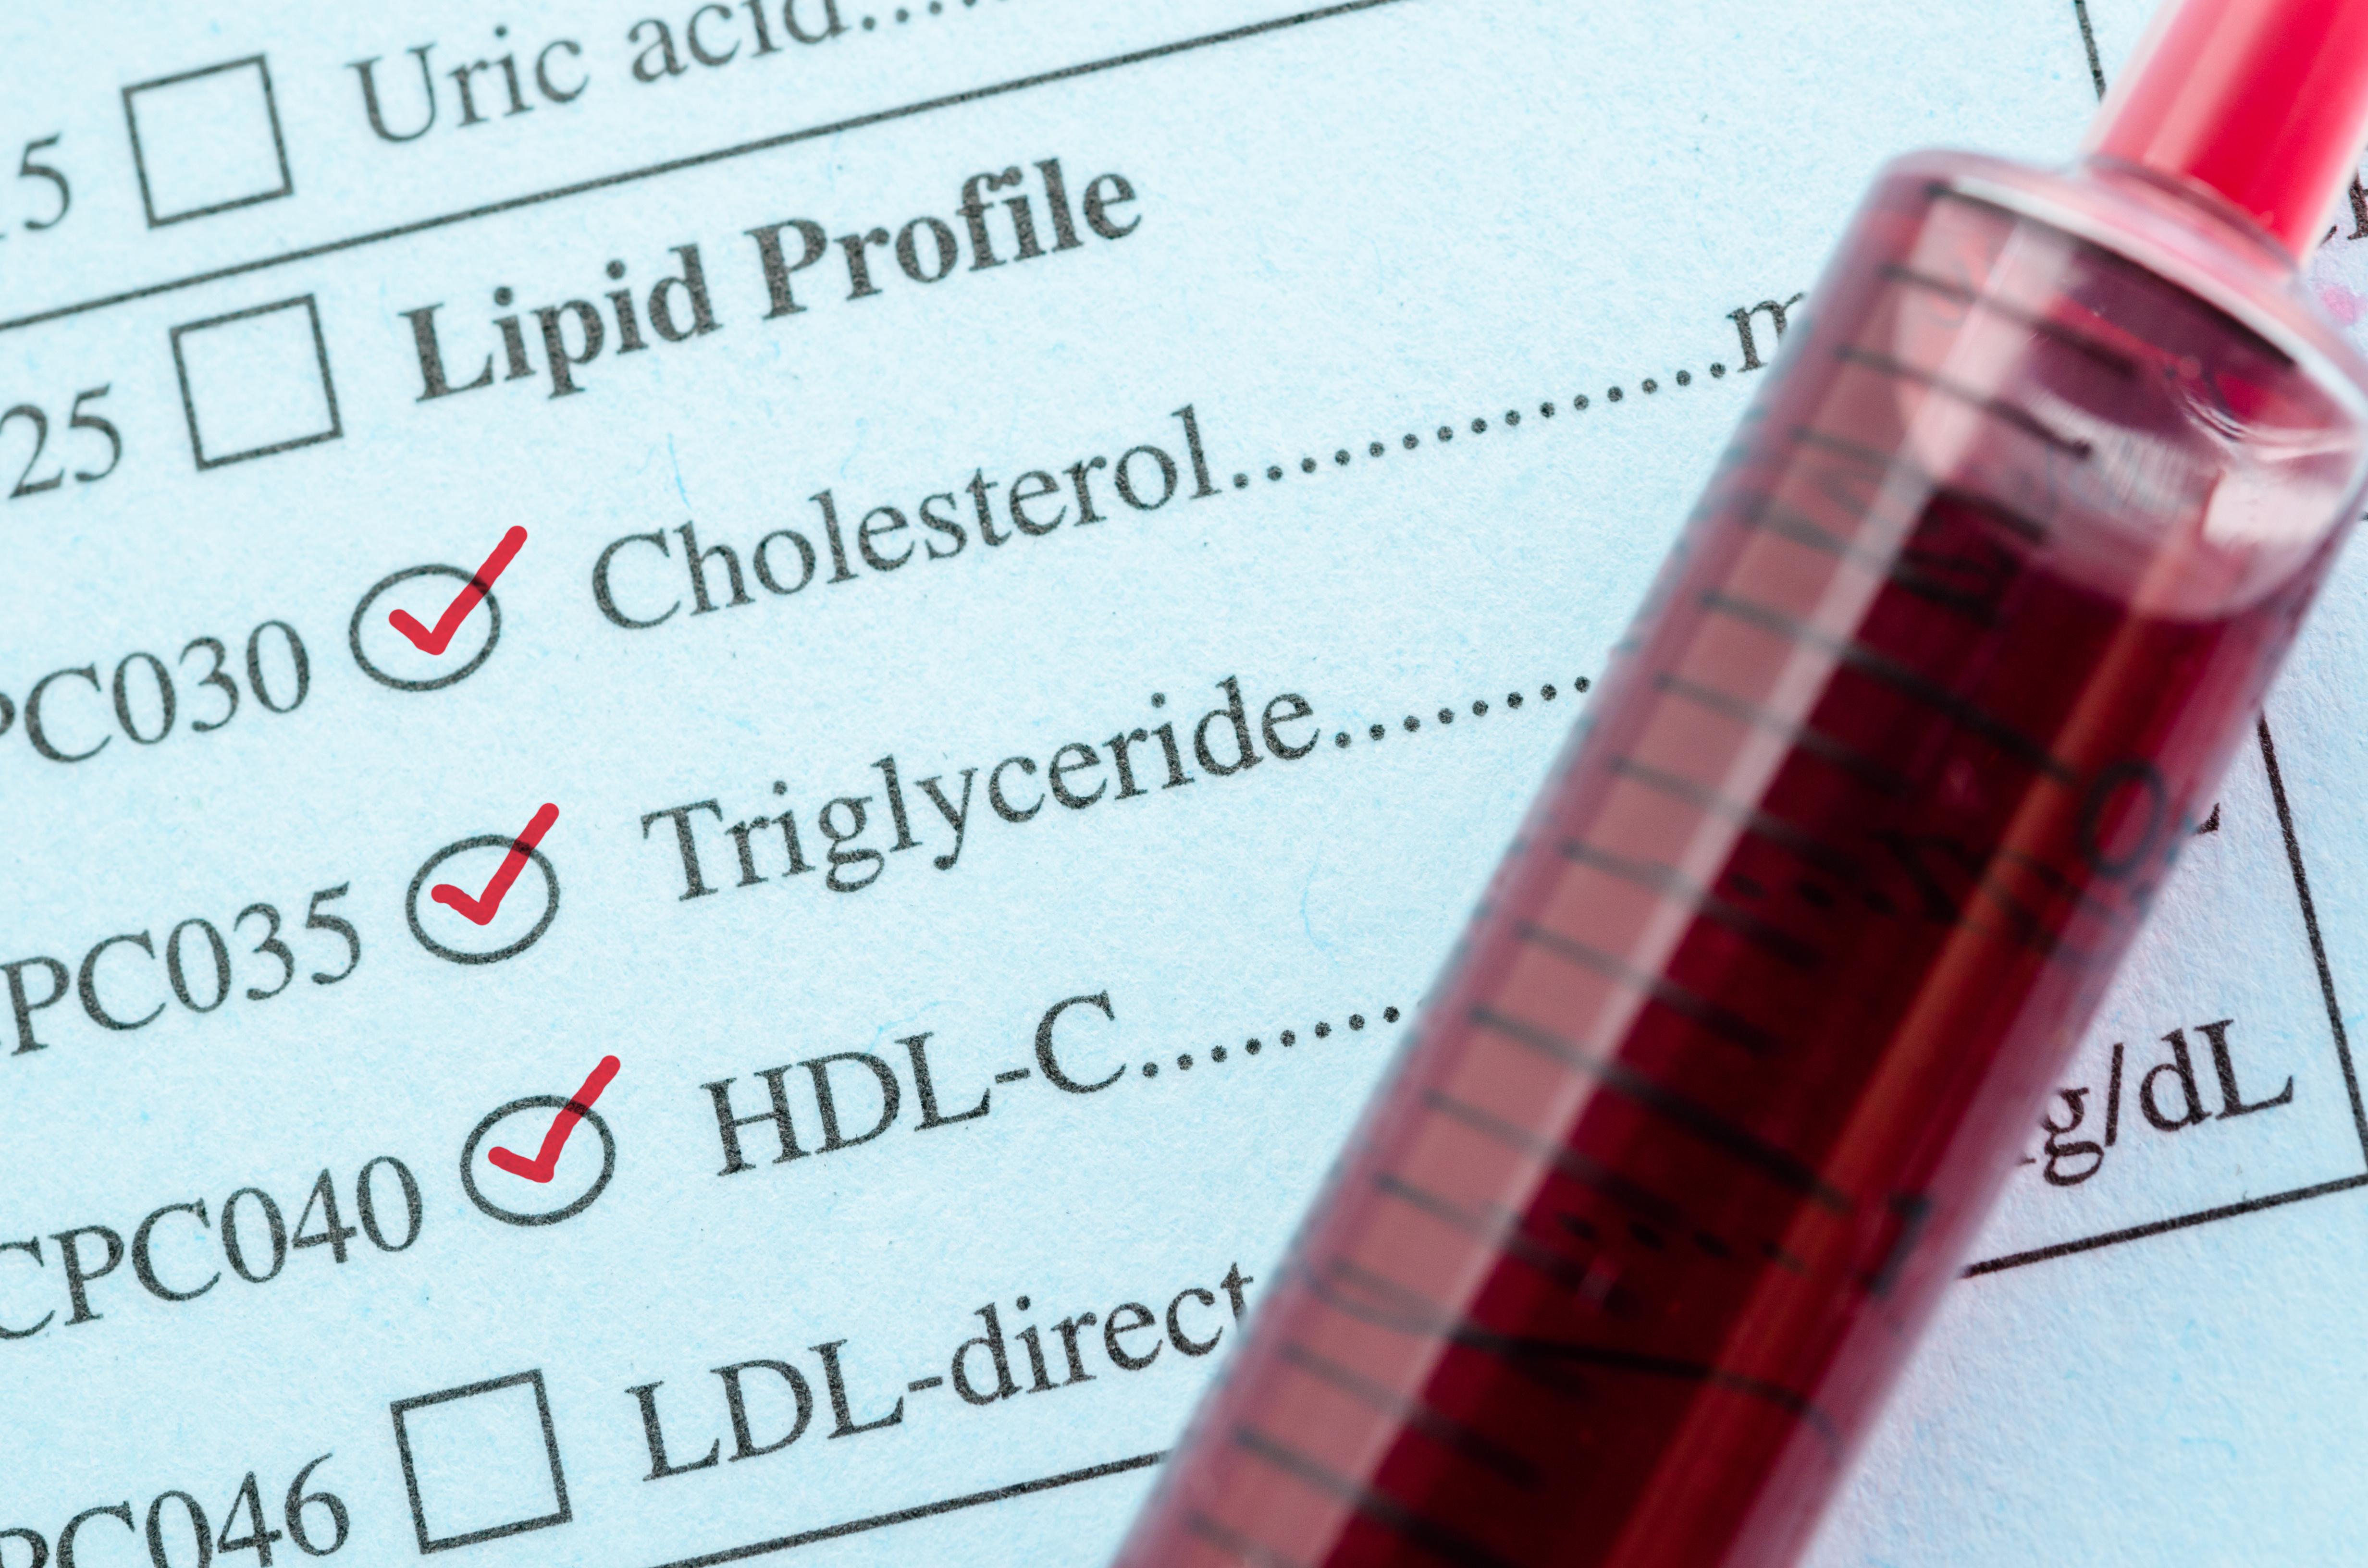 Le « bon » cholestérol HDL (High Density Lipoprotein) peut prévenir l'inflammation du foie (Vkisuel Adobe Stock 111046439)